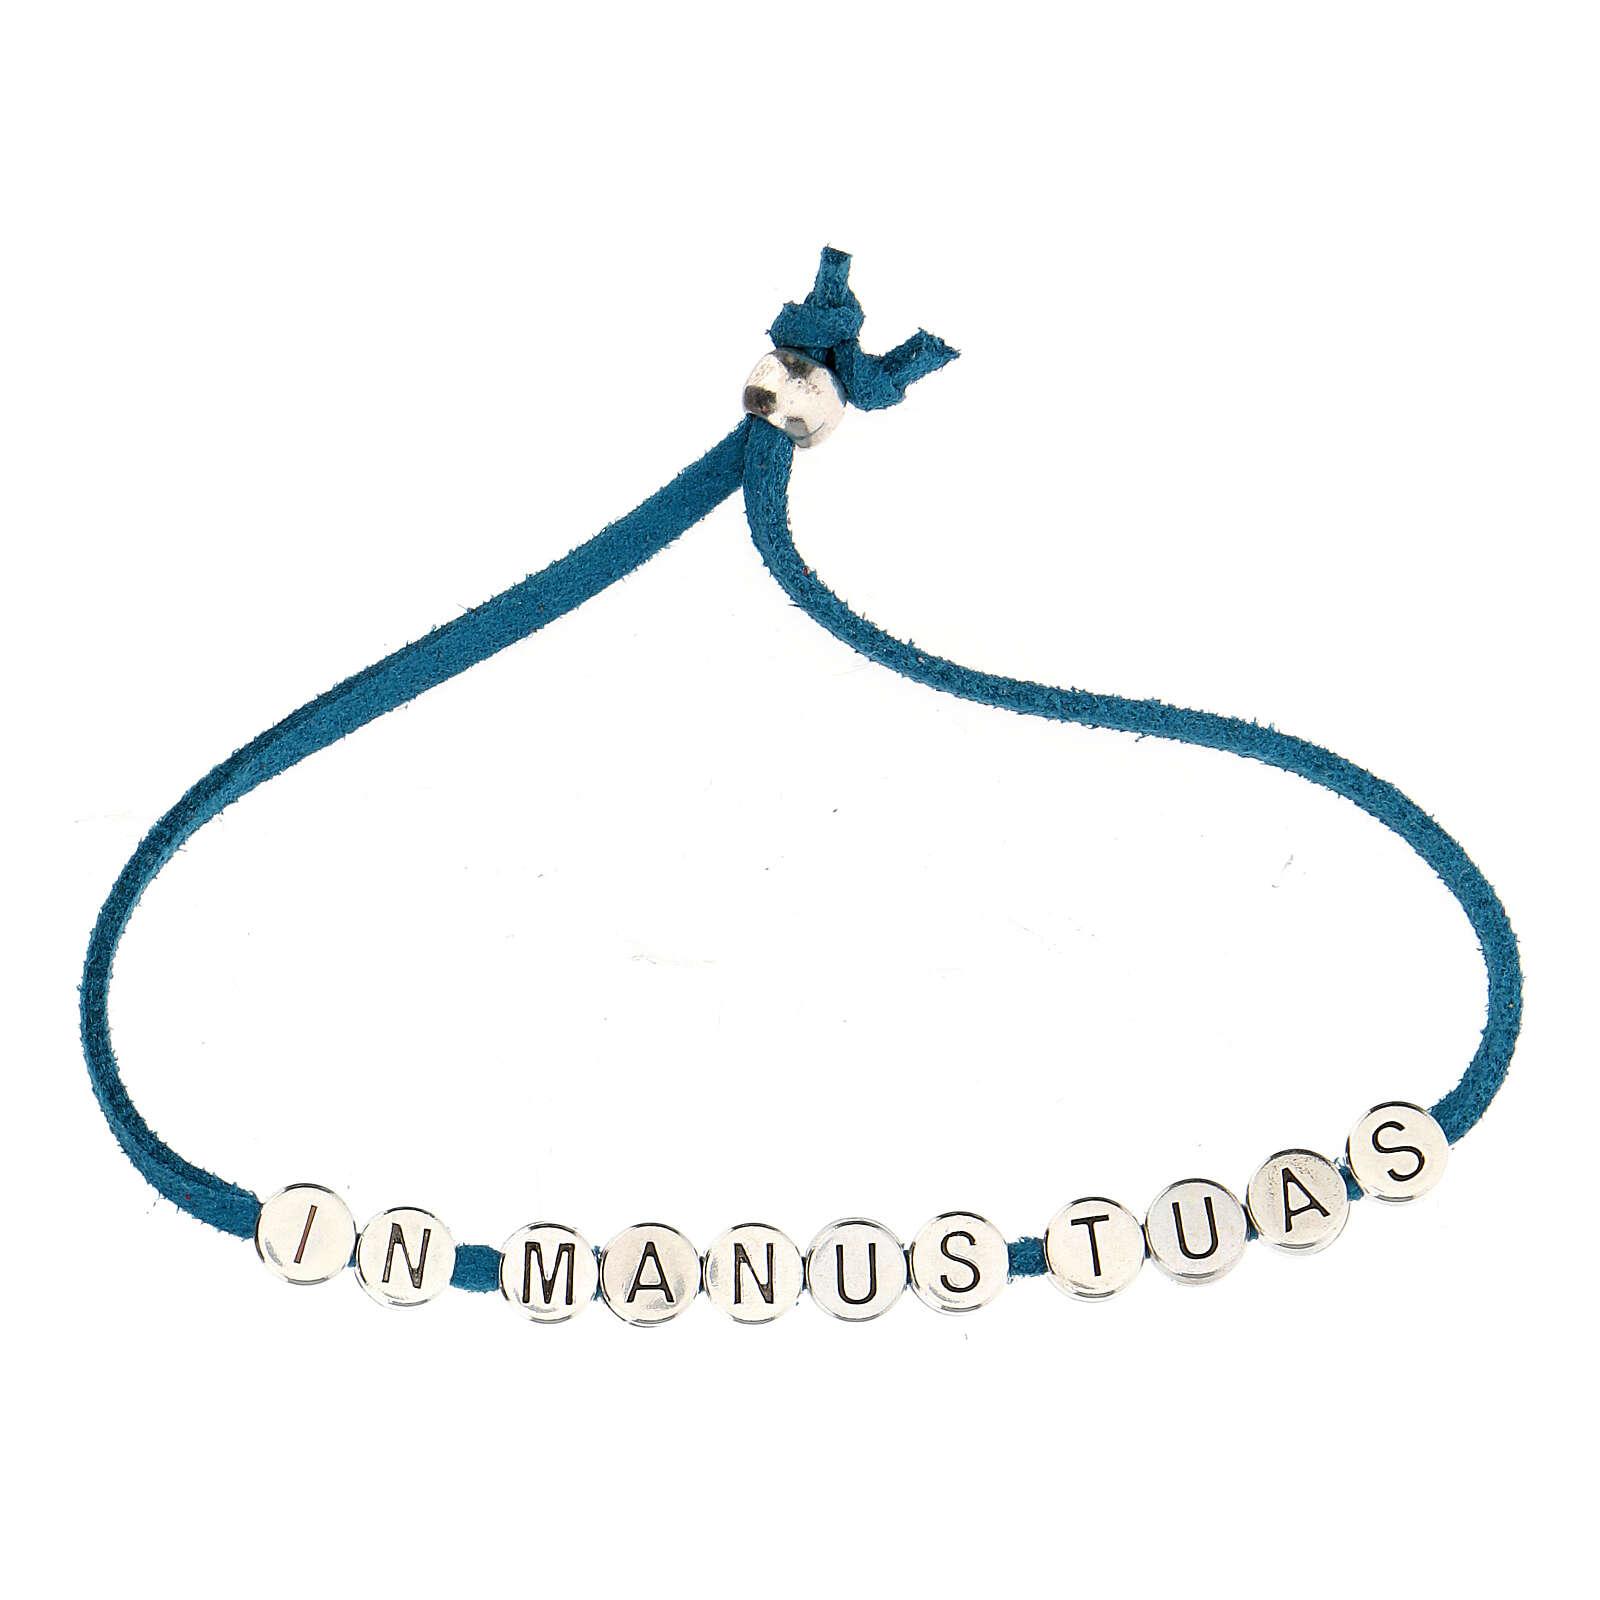 Bracelet turquoise In Manus Tuas alcantara zamak 4